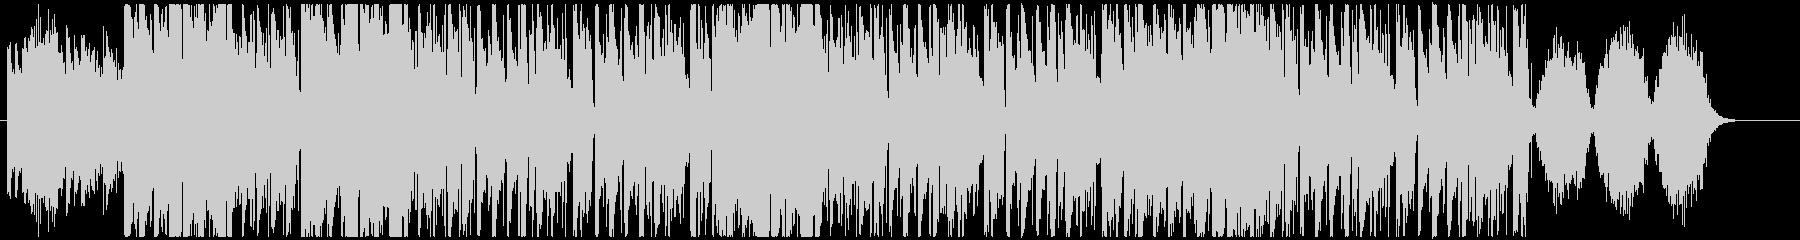 ハロウィンっぽゴシックトリップホップの未再生の波形